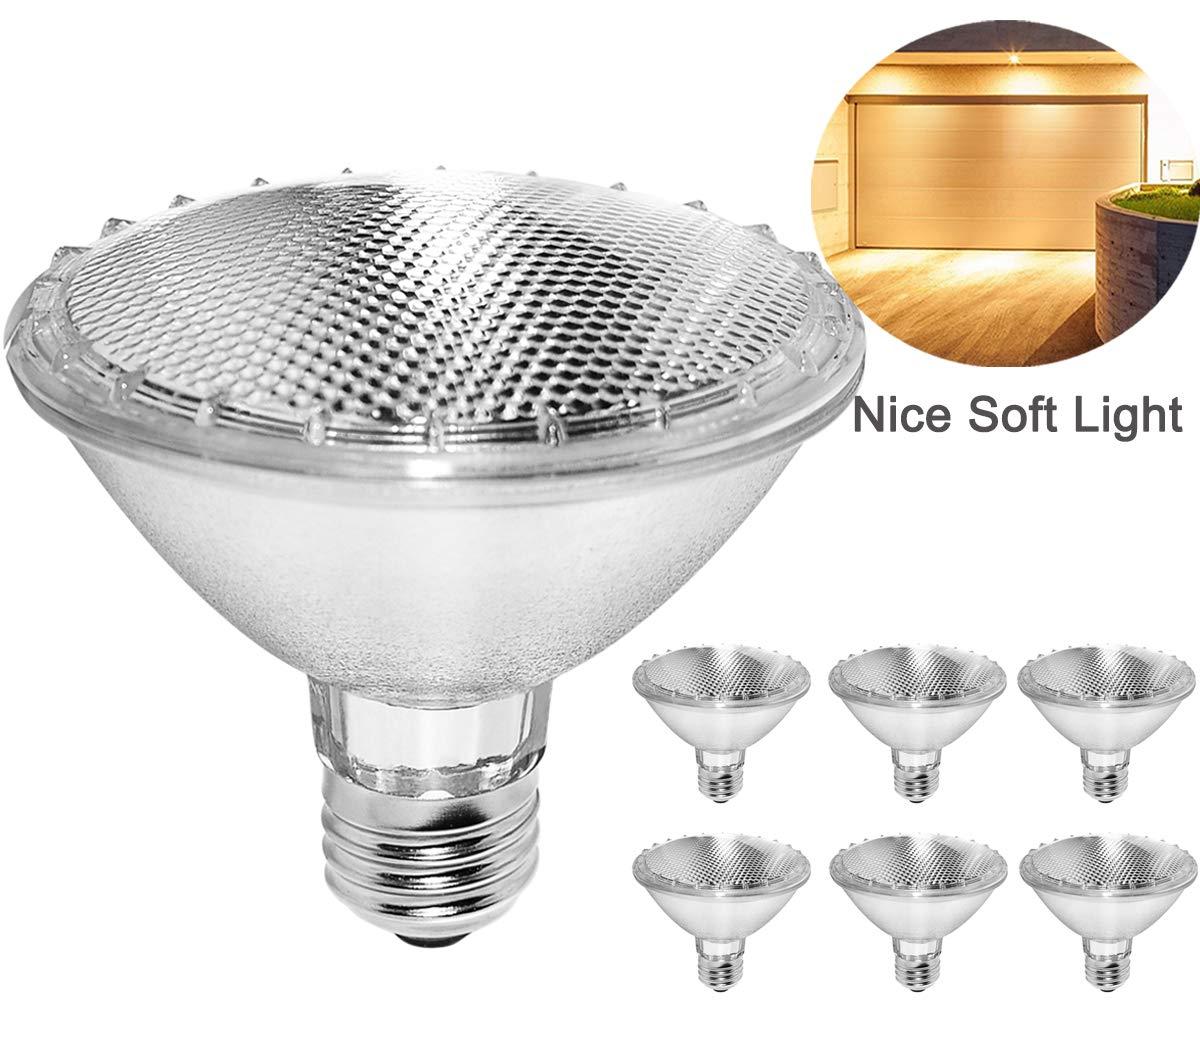 Par30 Short Neck,6PCS 75W 120V Halogen Flood Light Bulbs, Premium Quality for Long Lasting Life, E26 Base, 3000K Warm White, Great for Accent Lighting, Tracking Light